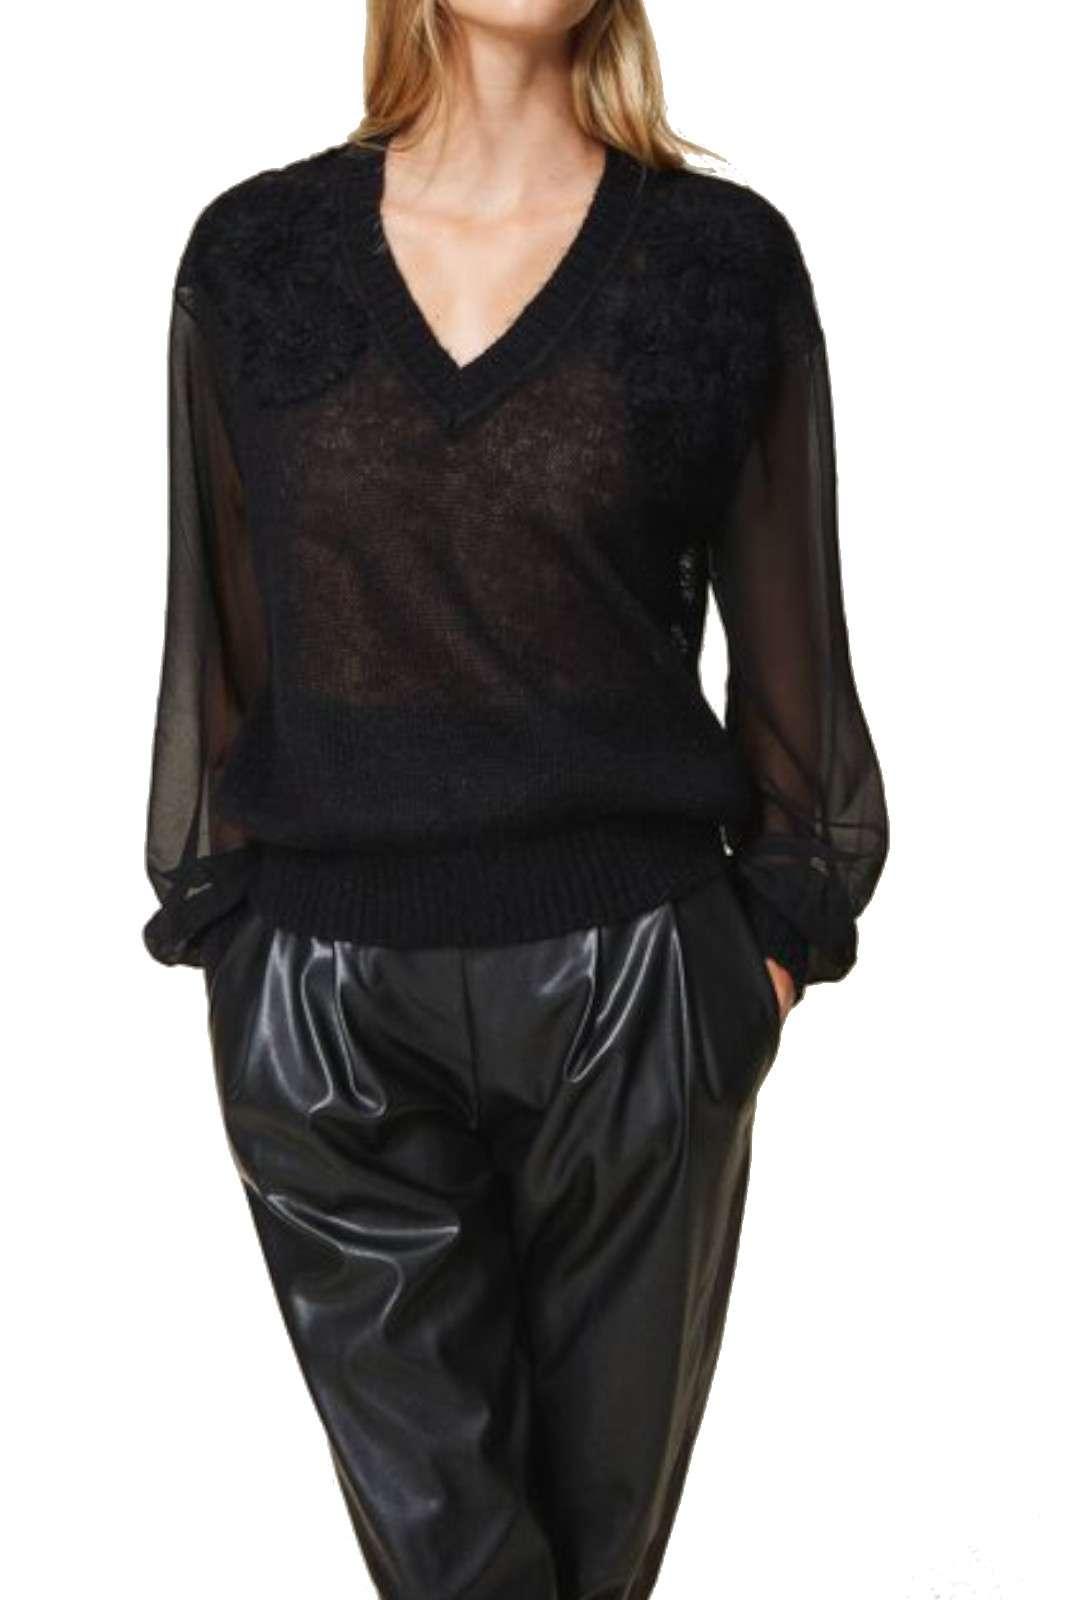 Indicato per i look quotidiani più importanti, il pullover donna firmato Twinset Milano si impone per il suo stile raffinato. Lo scollo a v e i fiori ricamati tono su tono ne esaltano la linea per un look scintillante. Da abbinare a pantaloni o a ad un paio di jeans è un'ottima soluzione per i propri outfit.